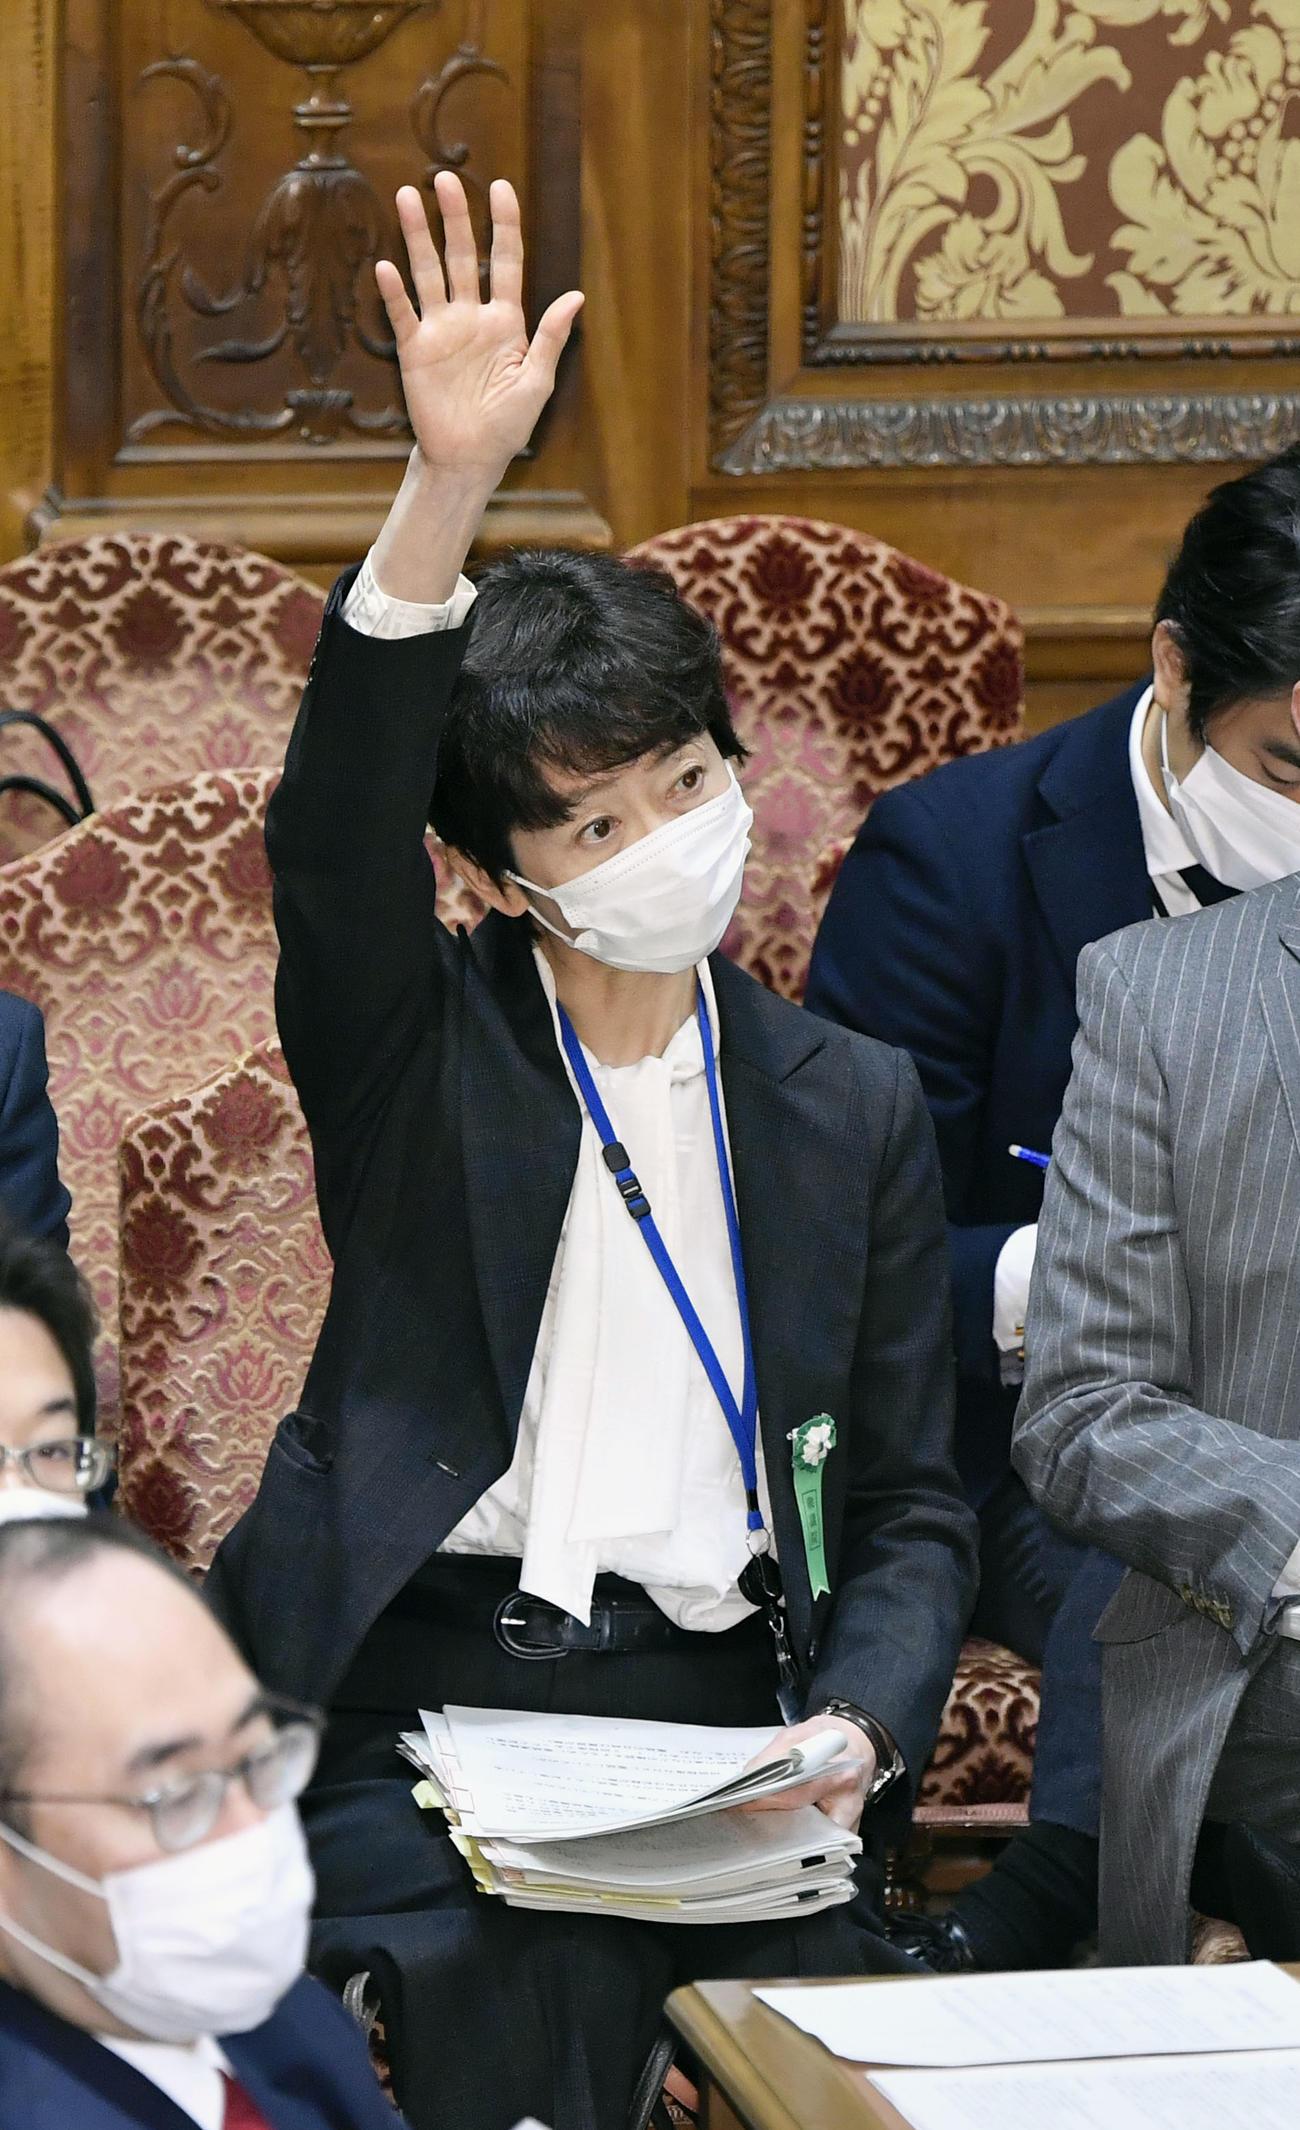 衆院予算委で答弁のために挙手する山田真貴子内閣広報官(共同)